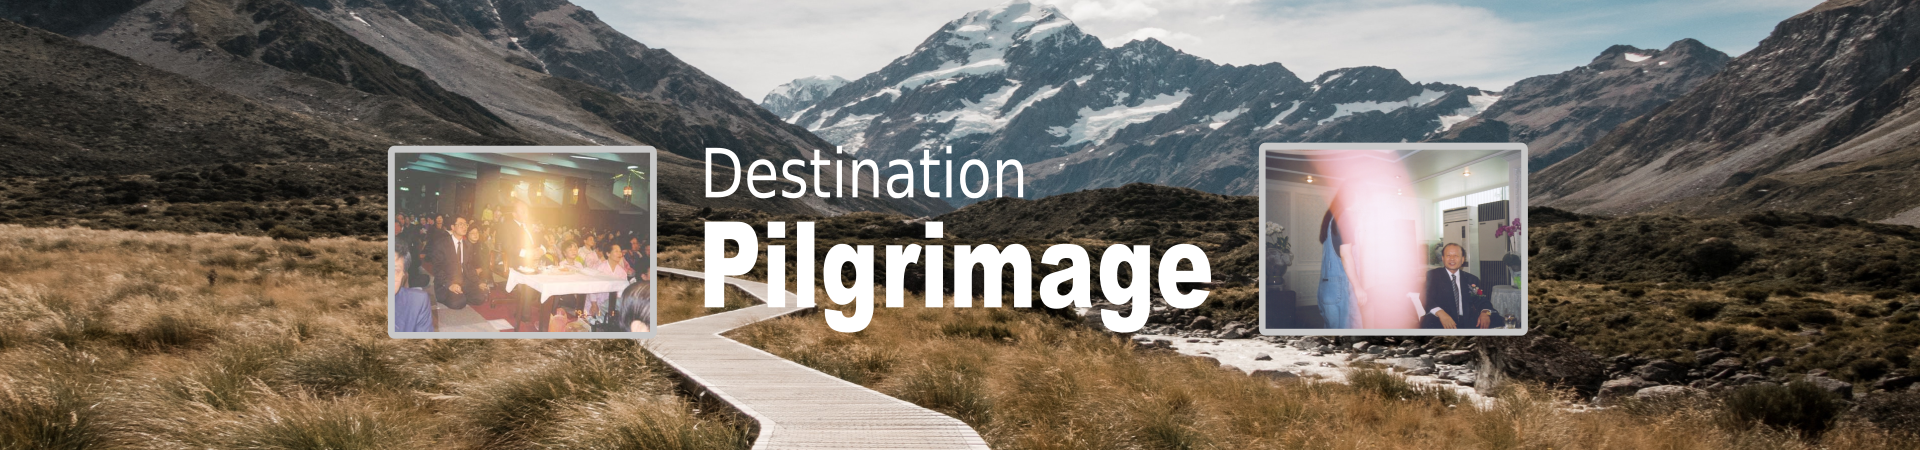 Destination Pilgrimage